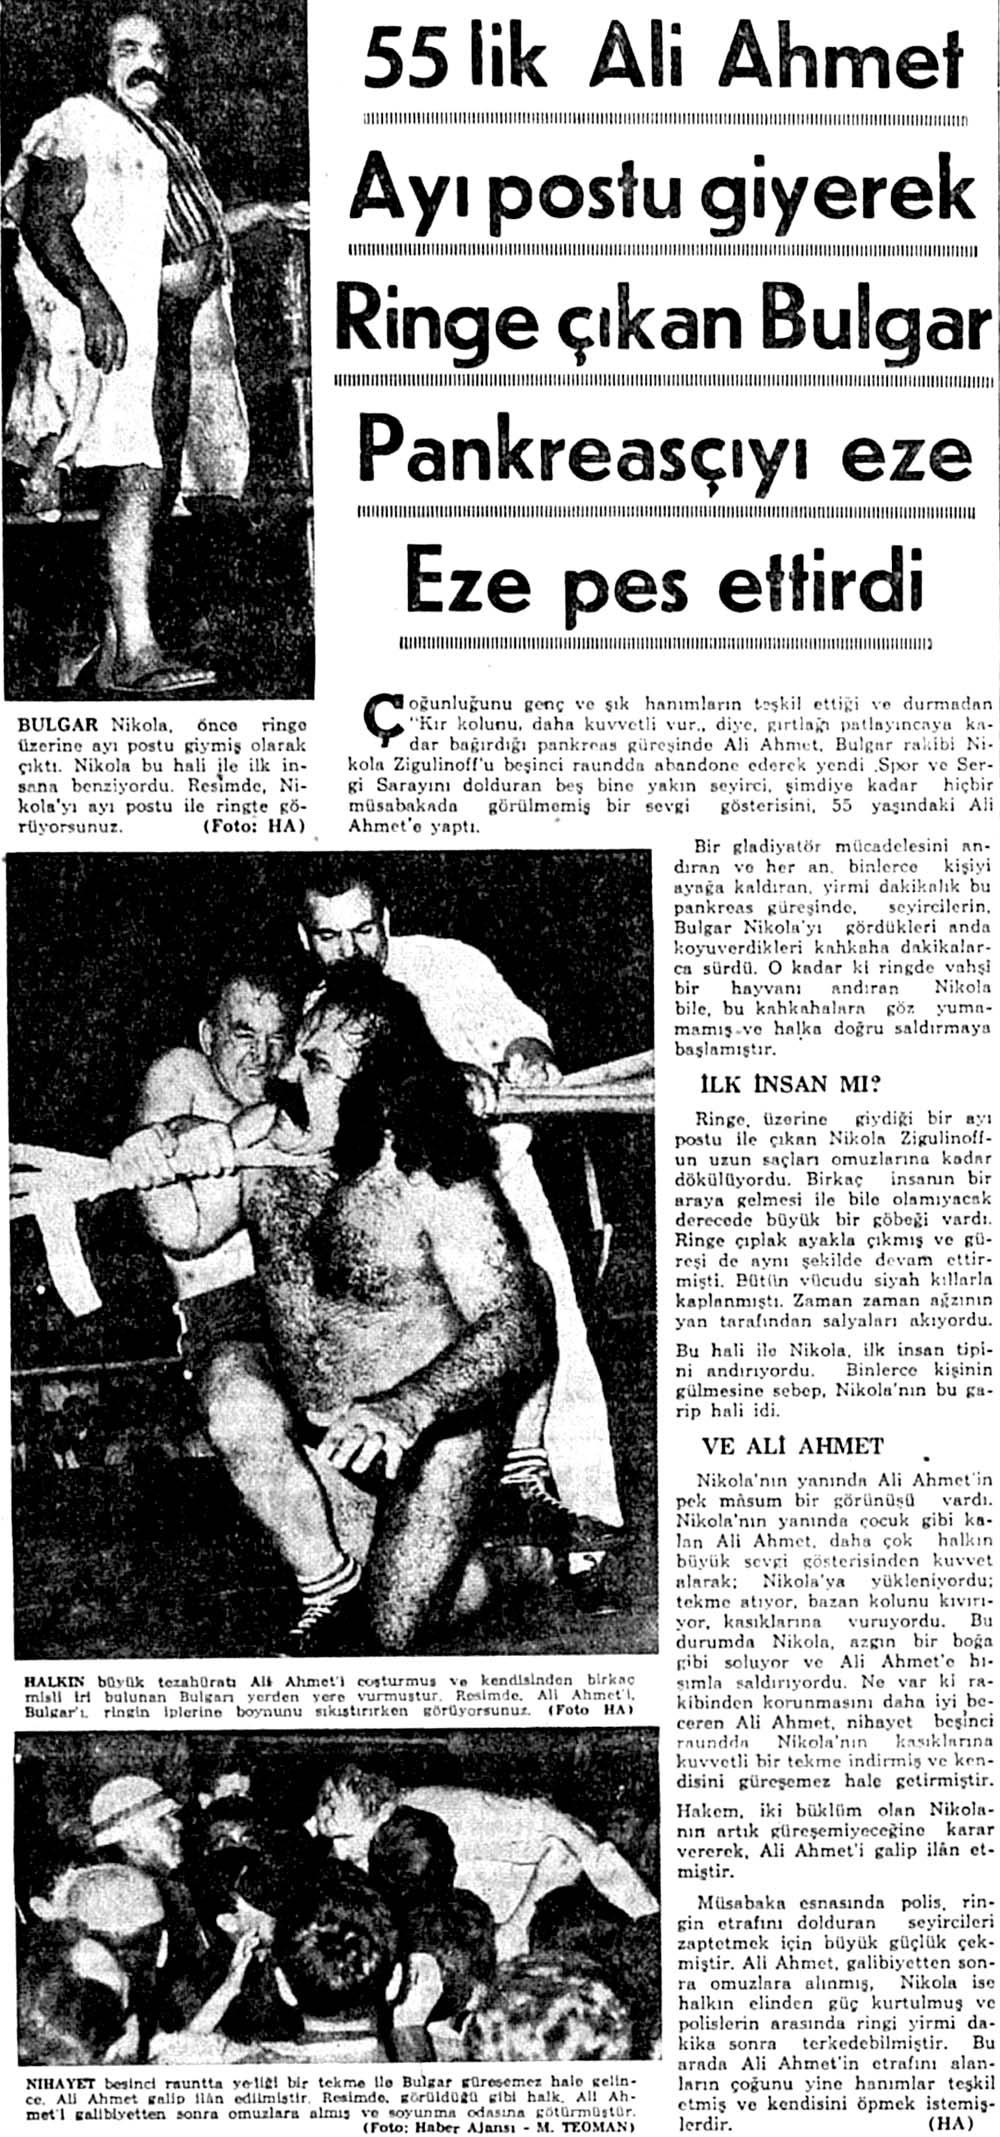 Ayı postu giyerek Ringe çıkan Bulgar Pankreasçıyı eze Eze pes ettirdi